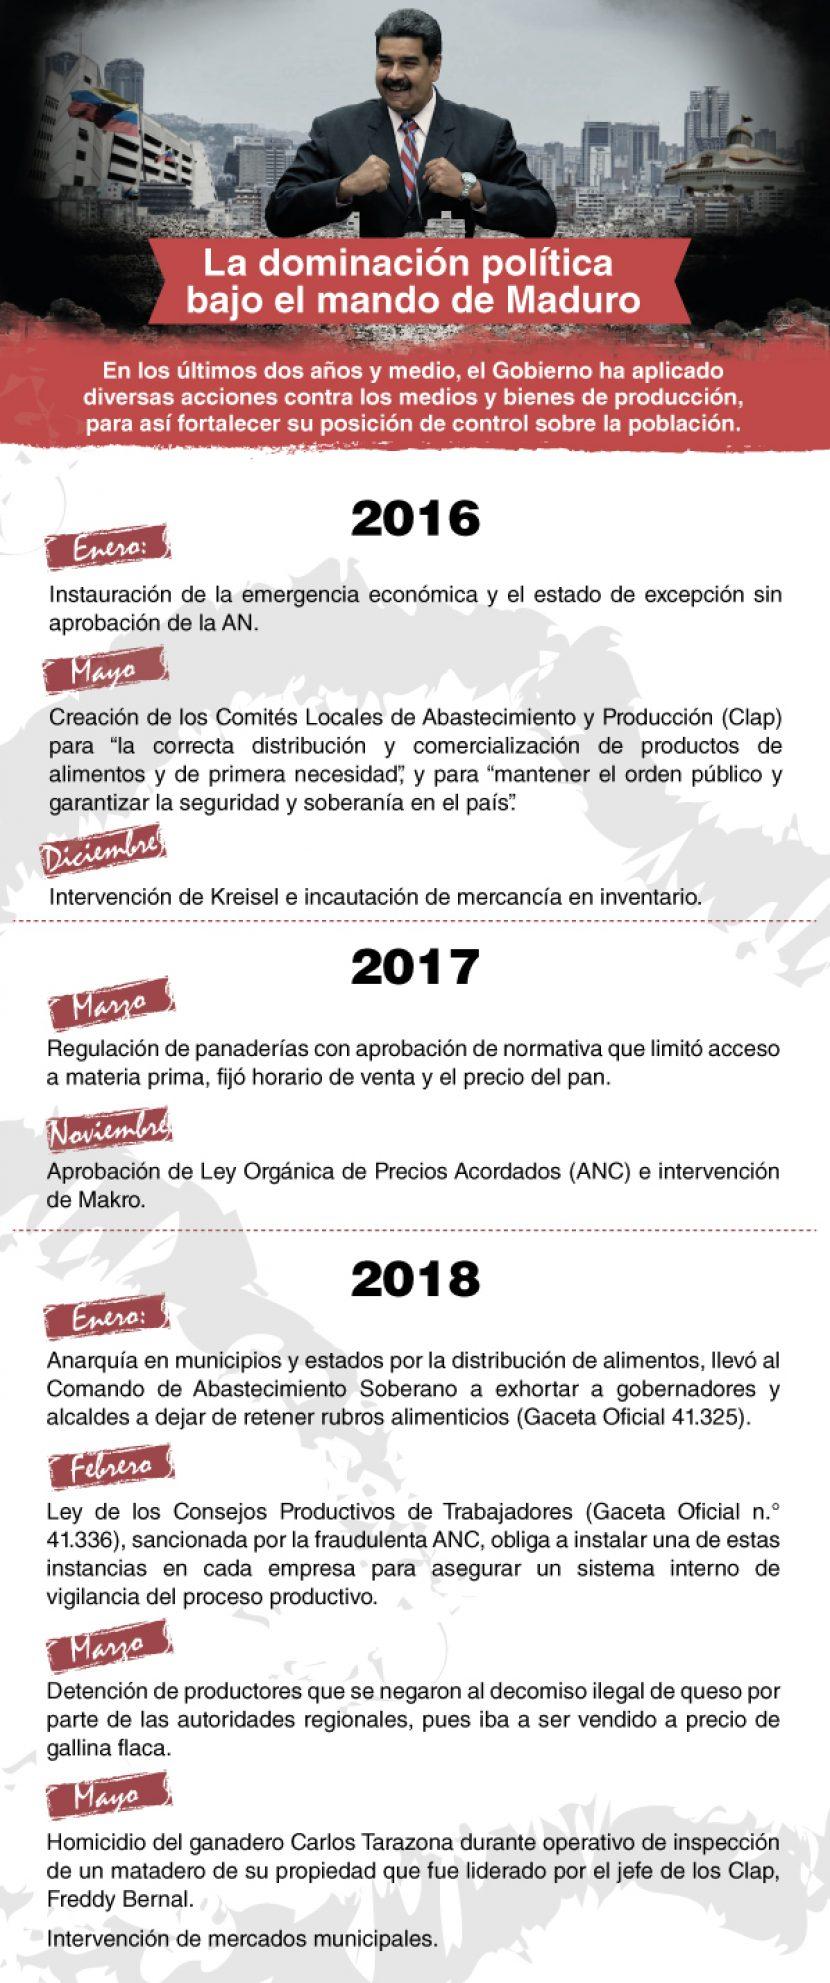 La dominacion política bajo el mando de Maduro